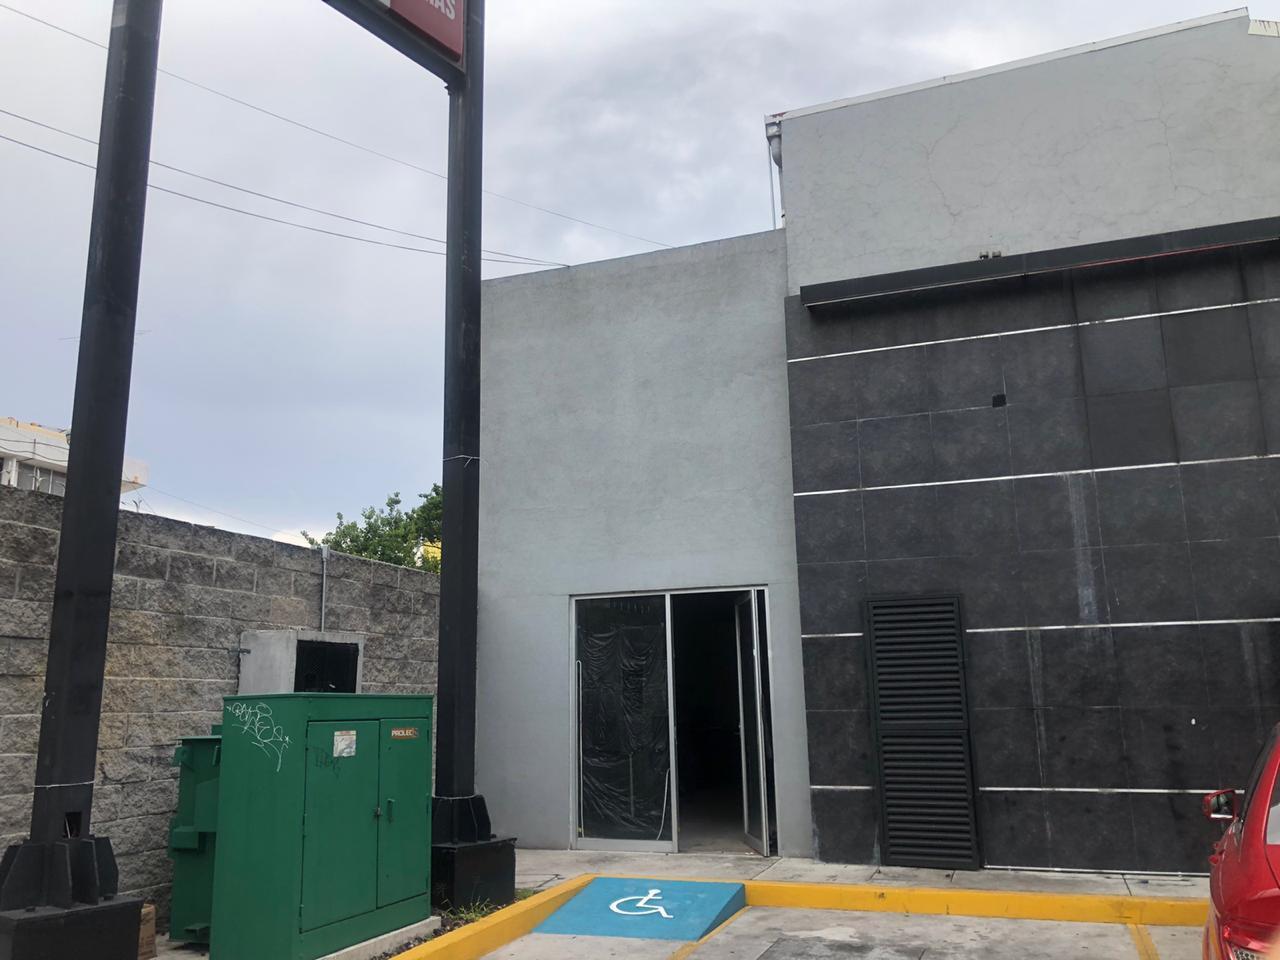 Local Comercial en Coyoacán